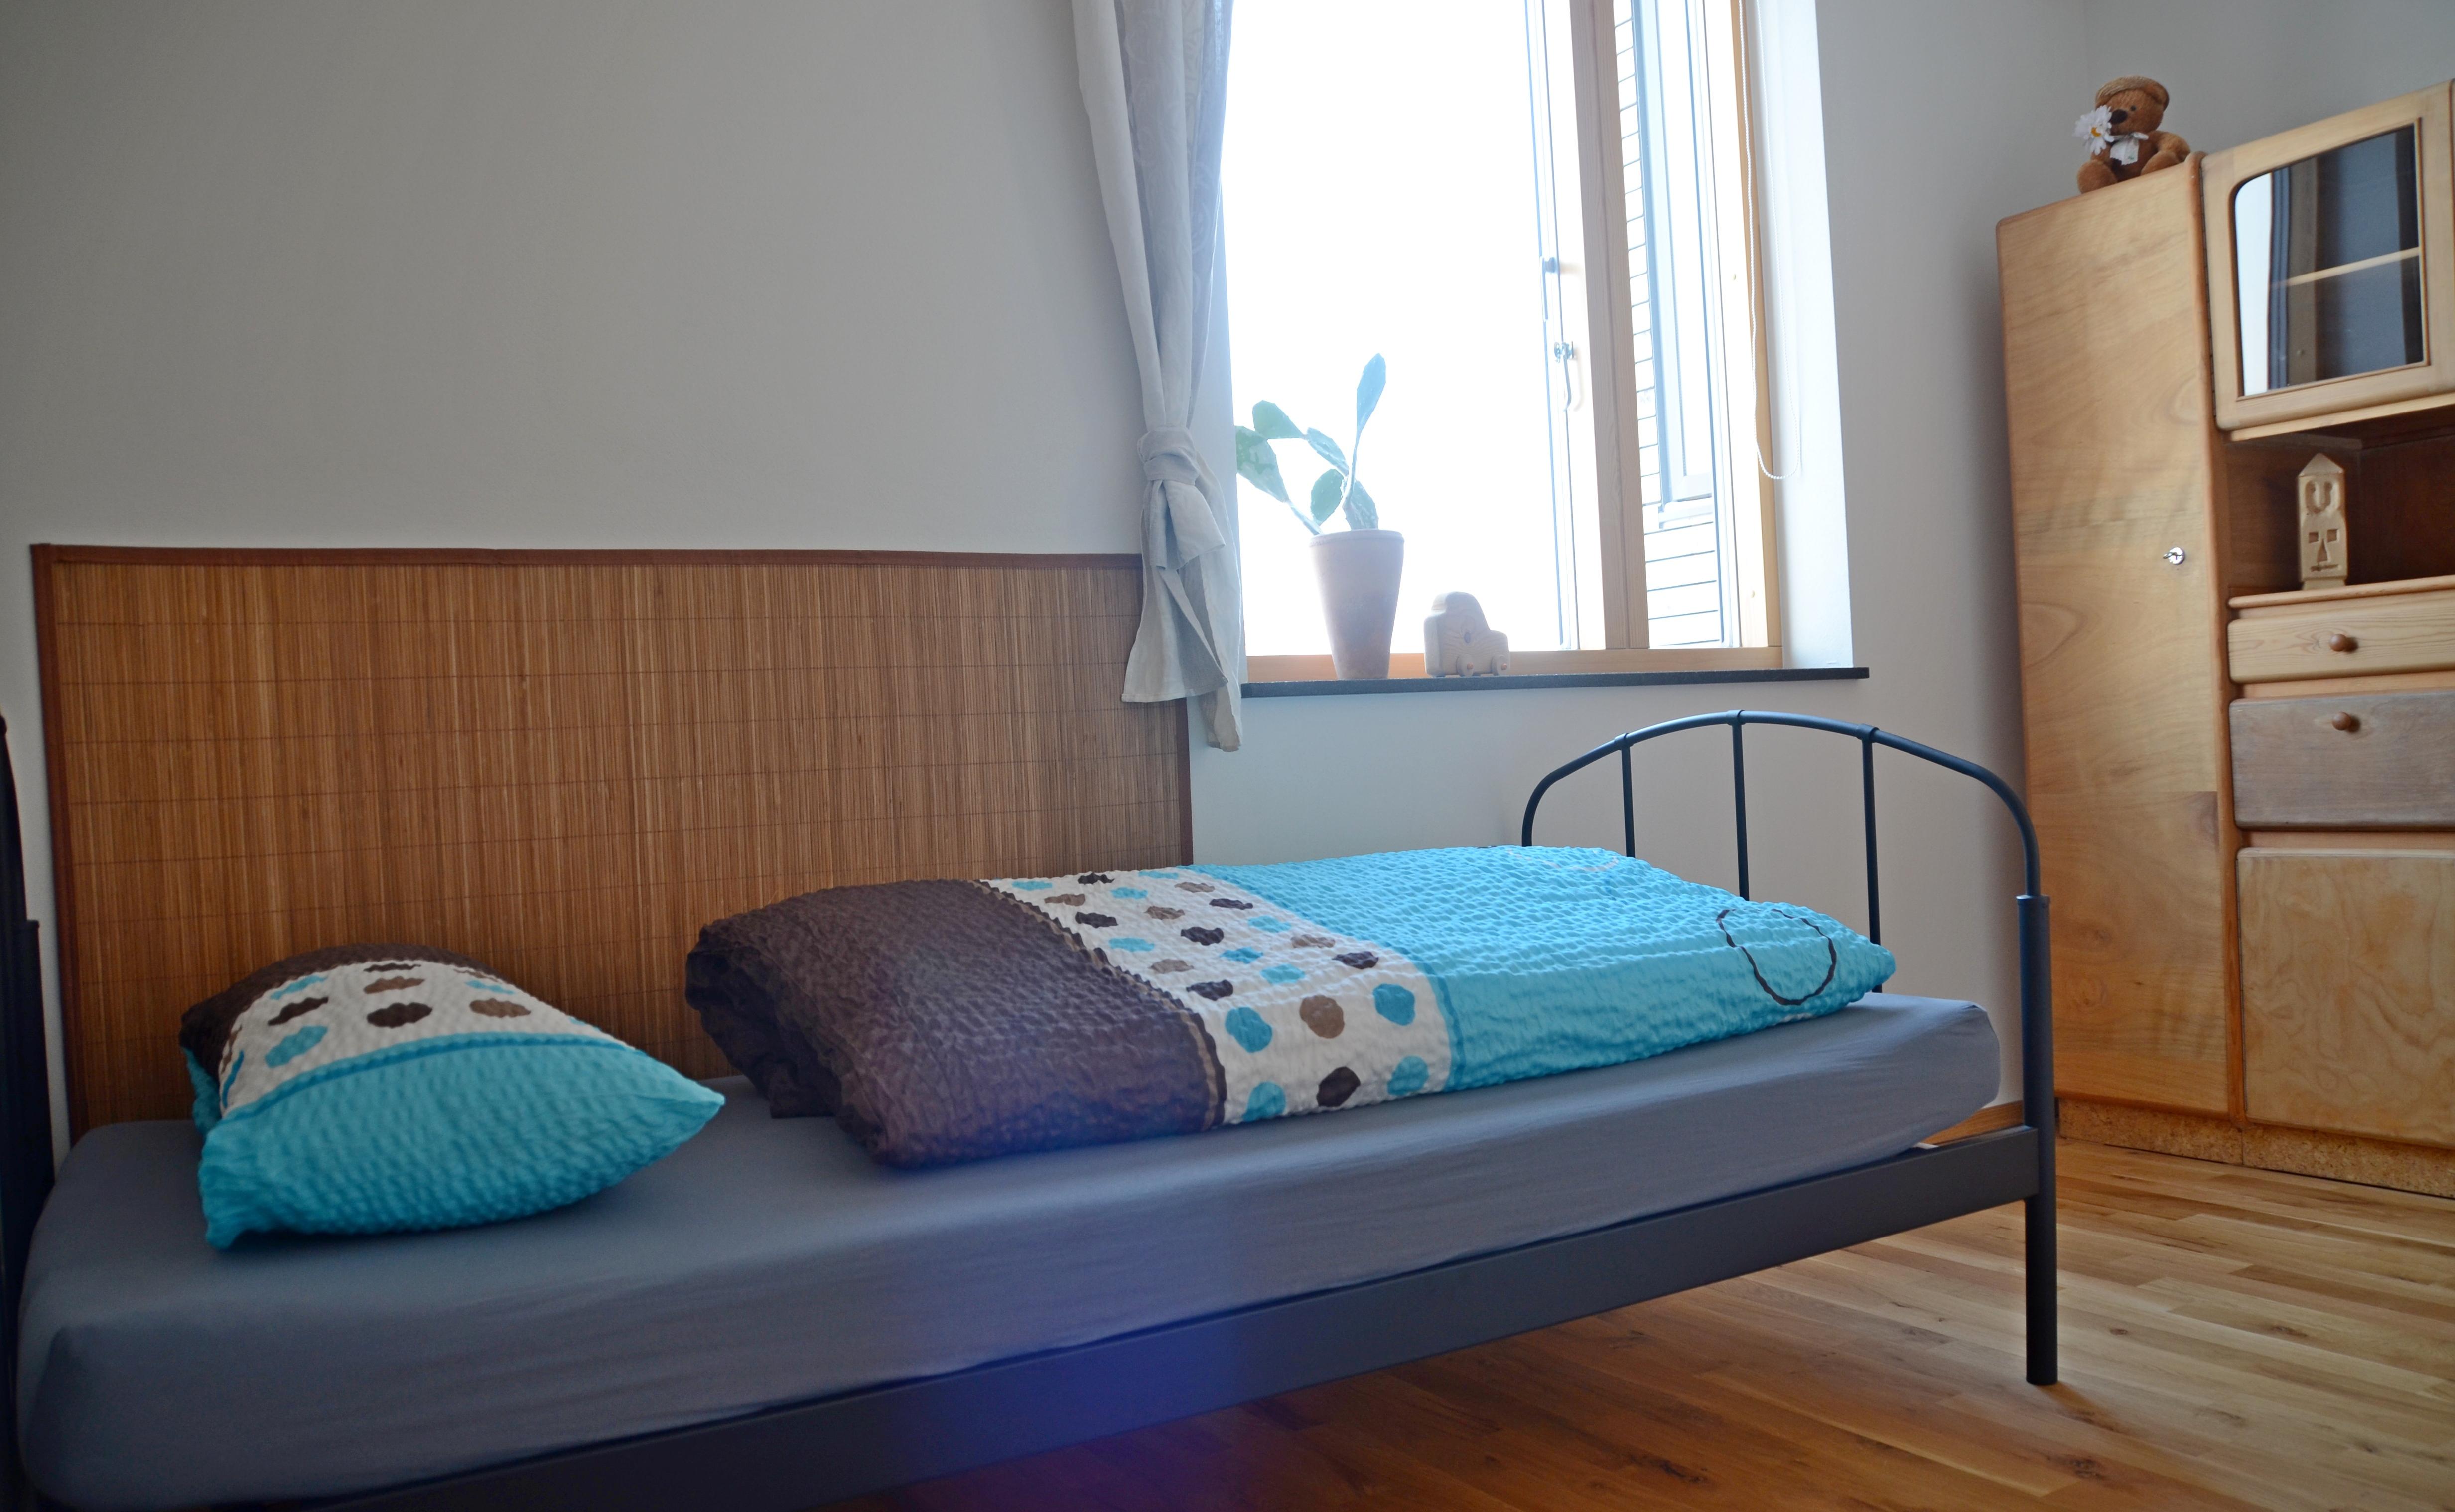 Ferienwohnung Buchhaupt, zweites Schlafzimmer